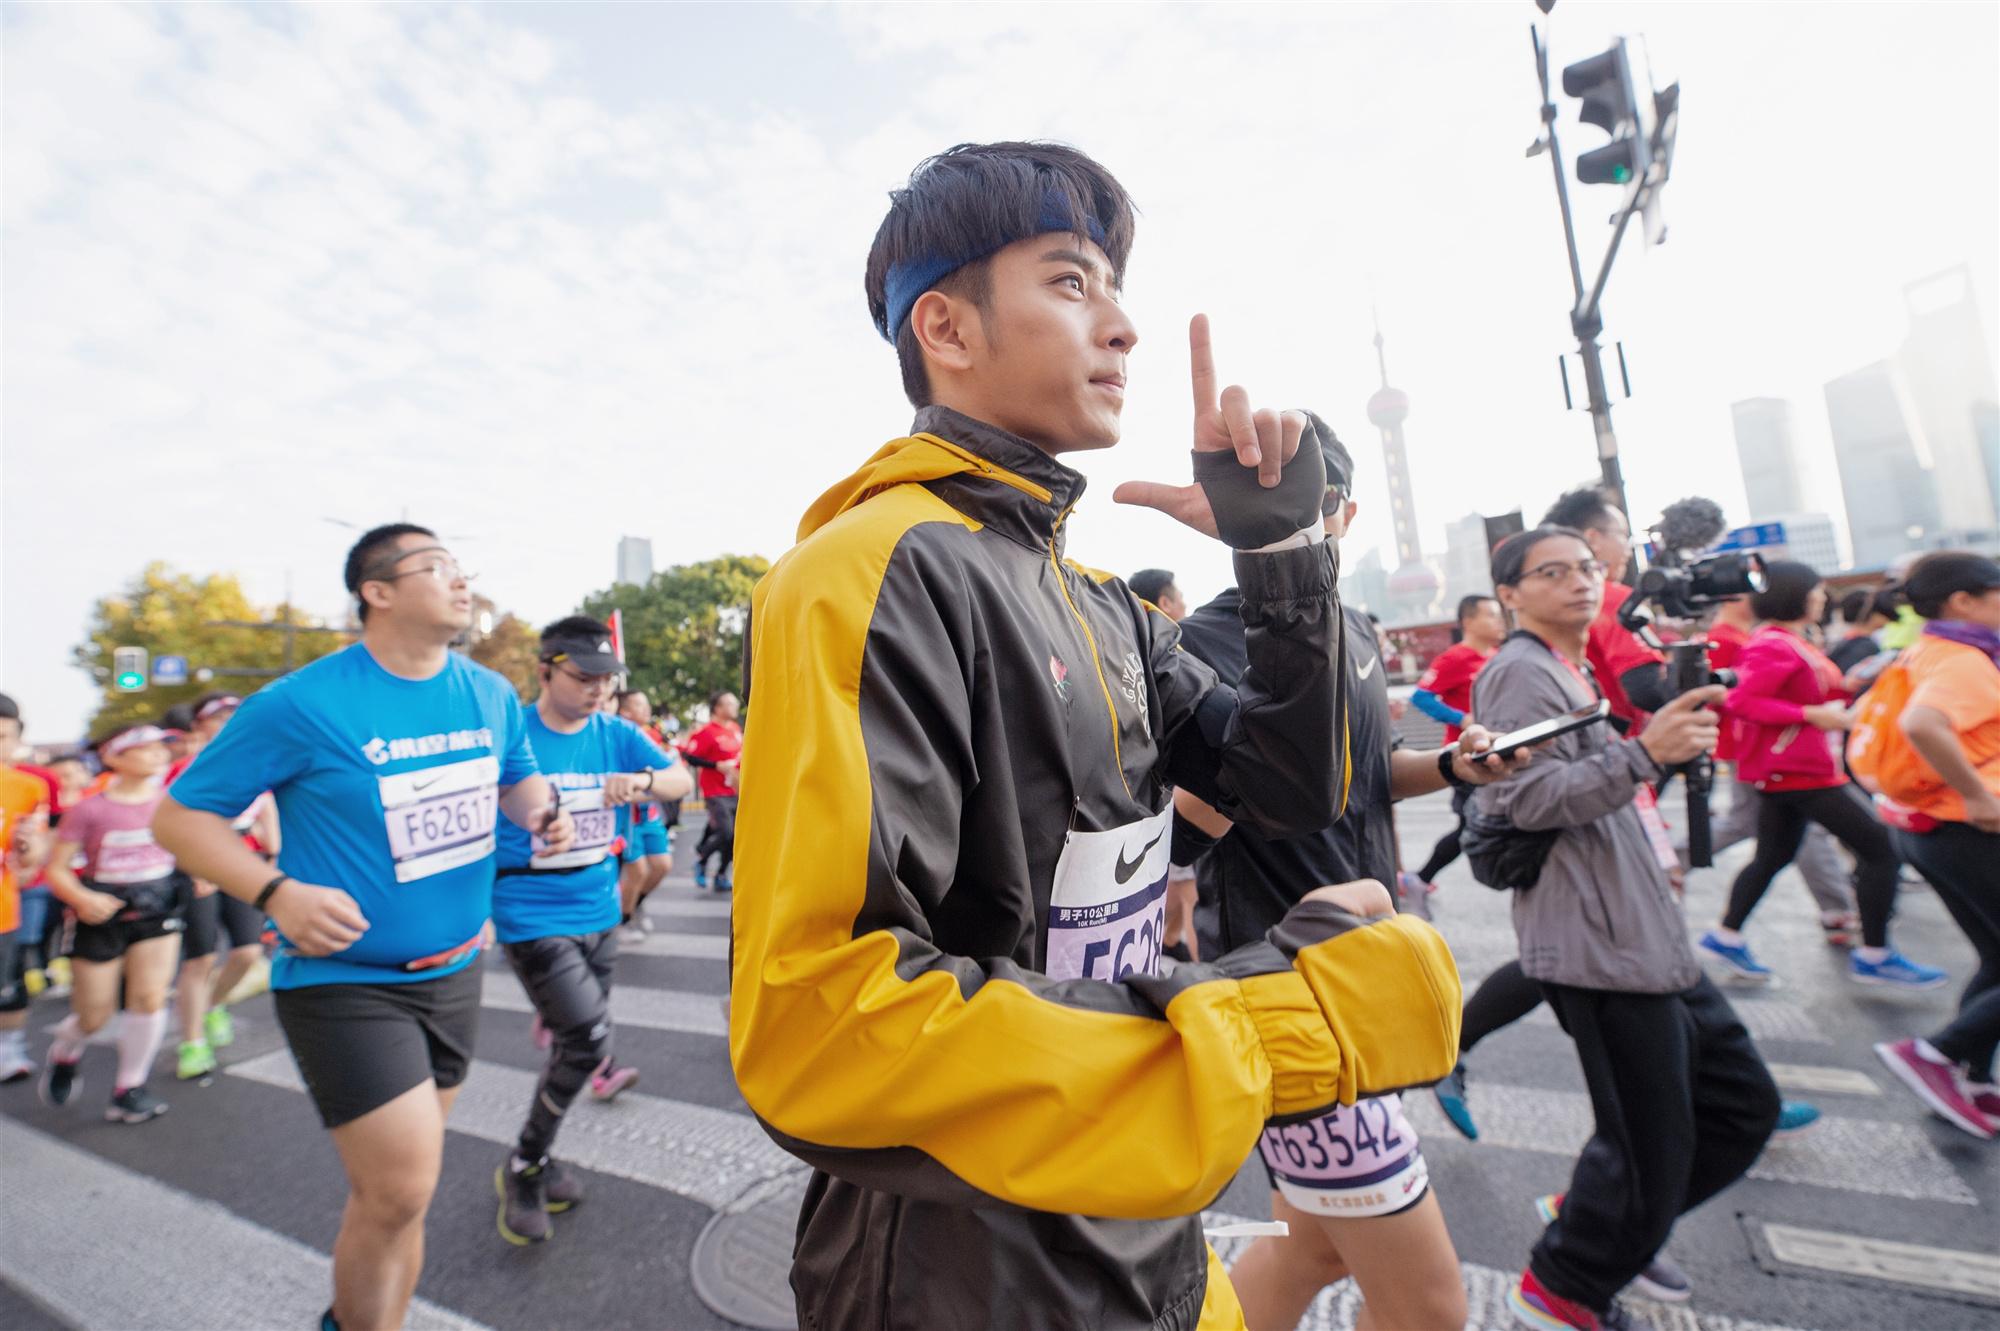 陈若轩亮相上海马拉松 热力开跑传递阳光正能量